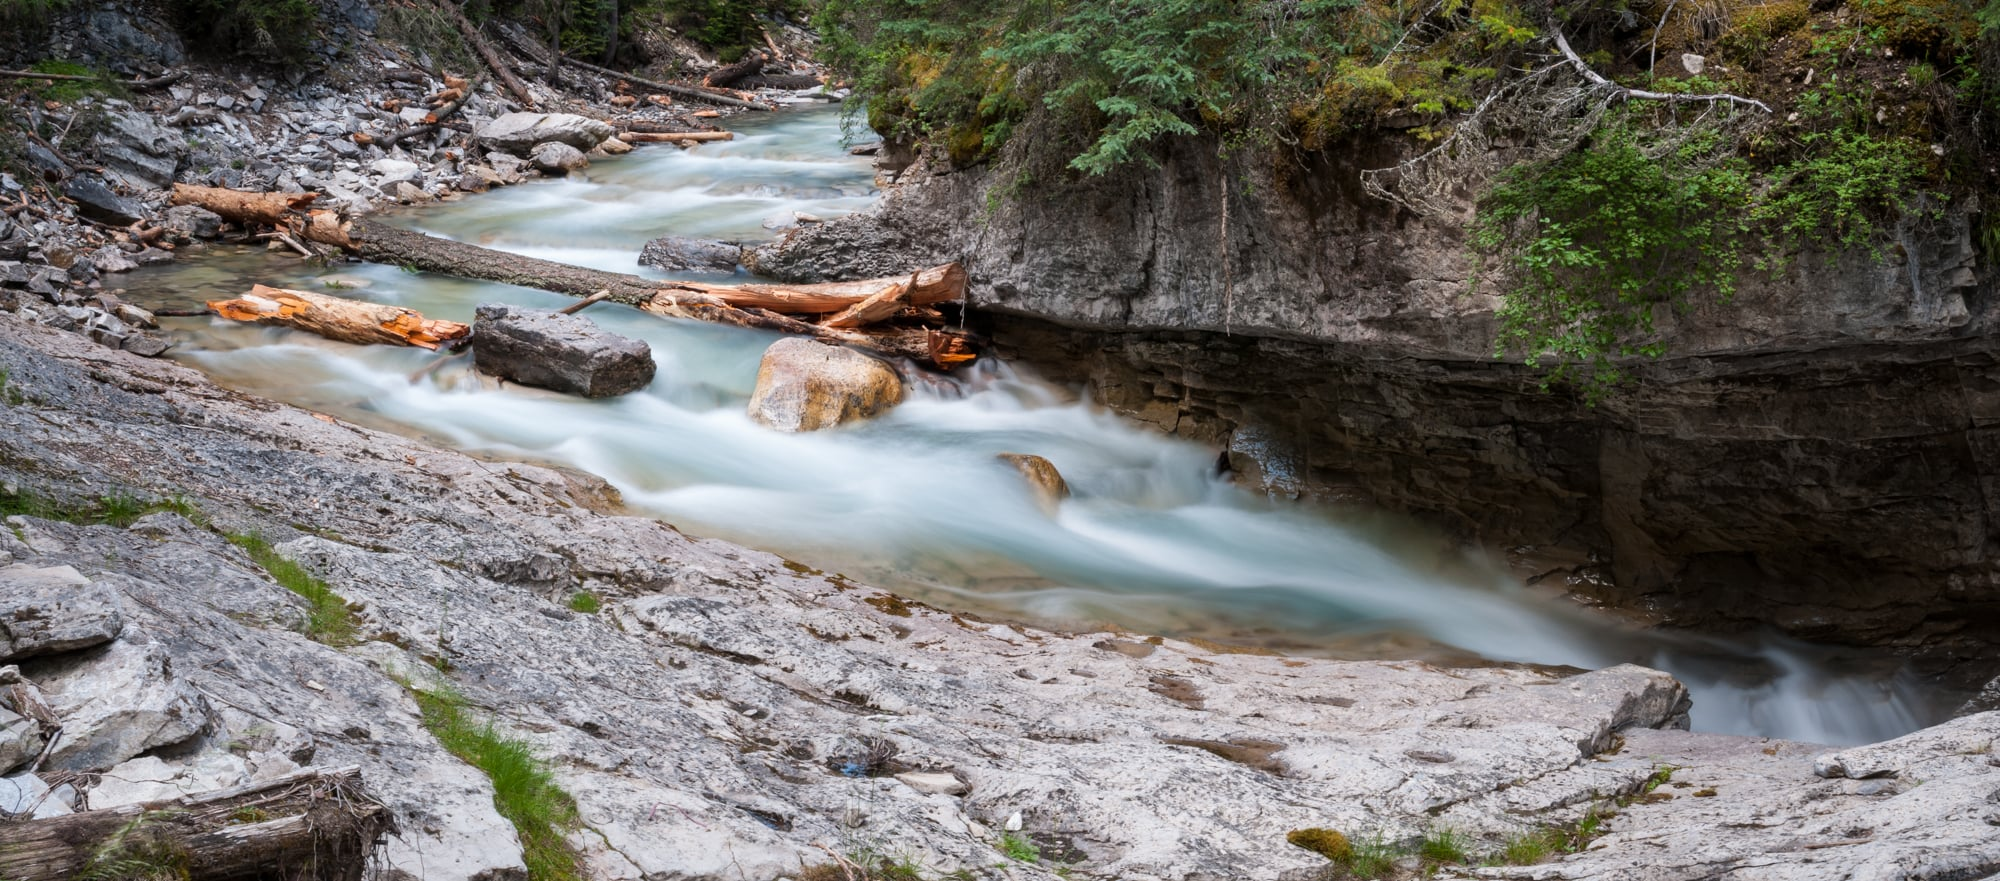 Johnston Creek, Banff National Park, July 2015